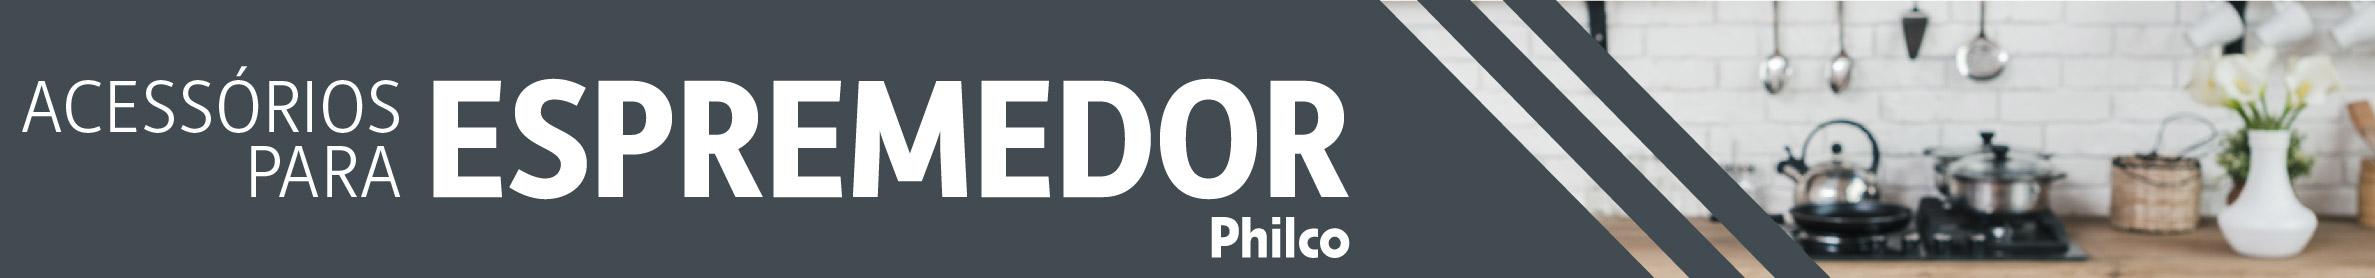 espremedor-philco